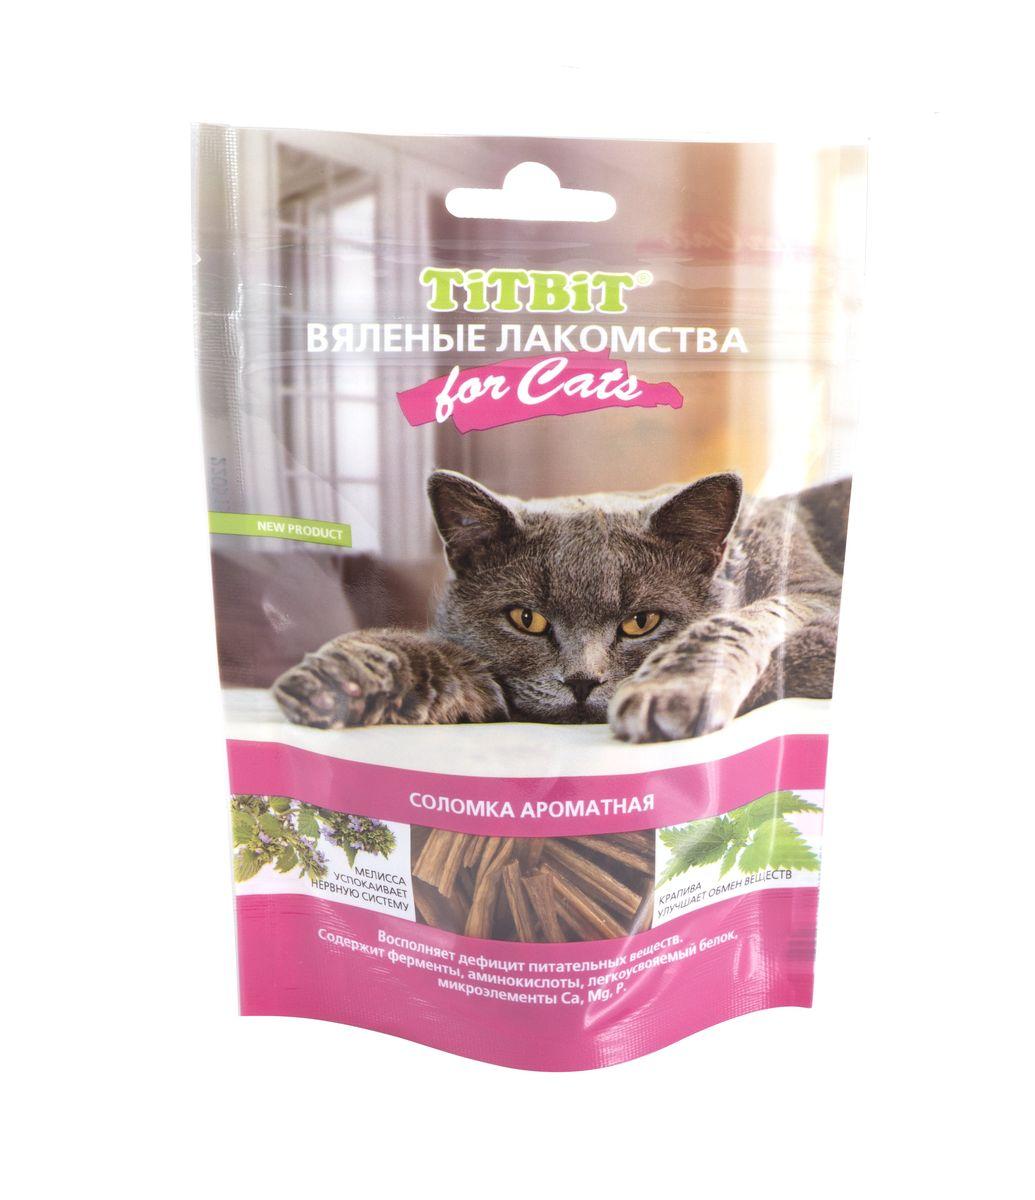 Лакомство для кошек Titbit, вяленая соломка, 40 г005149Вяленые лакомства Titbit - новые продукты премиум-класса для кошек. Изготовлены по уникальной технологии с использованием только натуральных мясных продуктов и более 20 эффективных фитокомплексов, обладающих профилактическими и иммуномодулирующими свойствами. Нежные кусочки мясопродуктов, пропитанные ароматными травами и растительными экстрактами, понравятся даже самому капризному питомцу. Лакомства предназначены для здоровых кошек всех пород и возрастов, ведущих активный образ жизни. Для производства лакомств используются только натуральные мясные продукты. Благодаря высокой пищевой ценности, позволяют удовлетворить повышенные потребности в энергии. Лакомство содержит ферменты, аминокислоты, легкоусвояемый белок, микроэлементы Ca, Mg, P.Вяленые лакомства Titbit произведены по оригинальной технологии. Мясные продукты сначала замачивают в обогащенной фитокорректорами смеси, затем происходит процесс вяления, аналогичный естественной сушке на солнце.Состав: кишки говяжьи, мелисса, крапива.Пищевая ценность: белки 50 г, жиры 21 г, зола 1 г, влага 20 г.Энергетическая ценность (на 100 г продукта): 418 ккал.Товар сертифицирован.